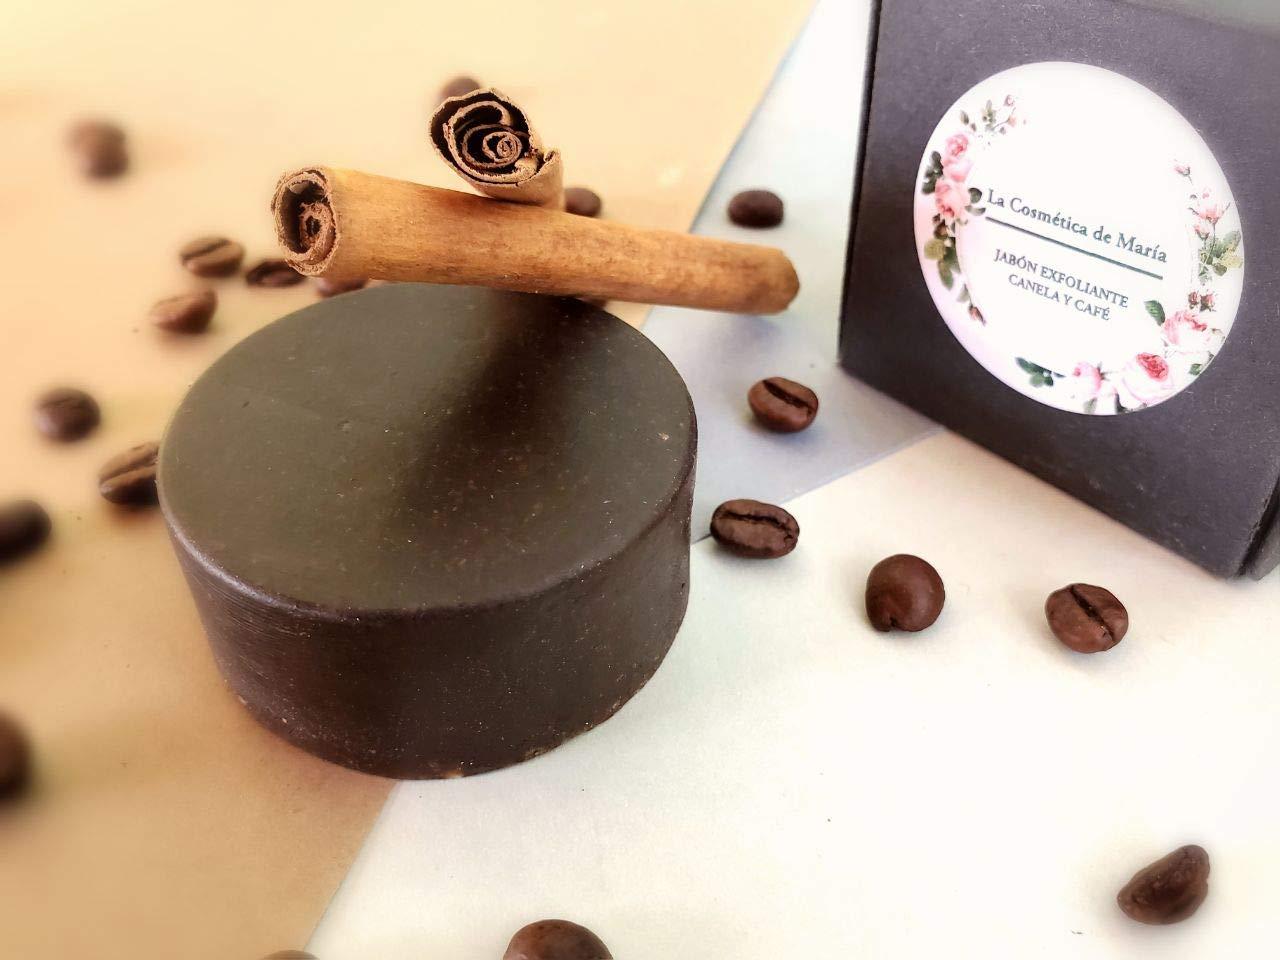 CESTA – Champú, jabón cara, jabón cuerpo, bálsamo y crema de manos – 100% ecológico y natural